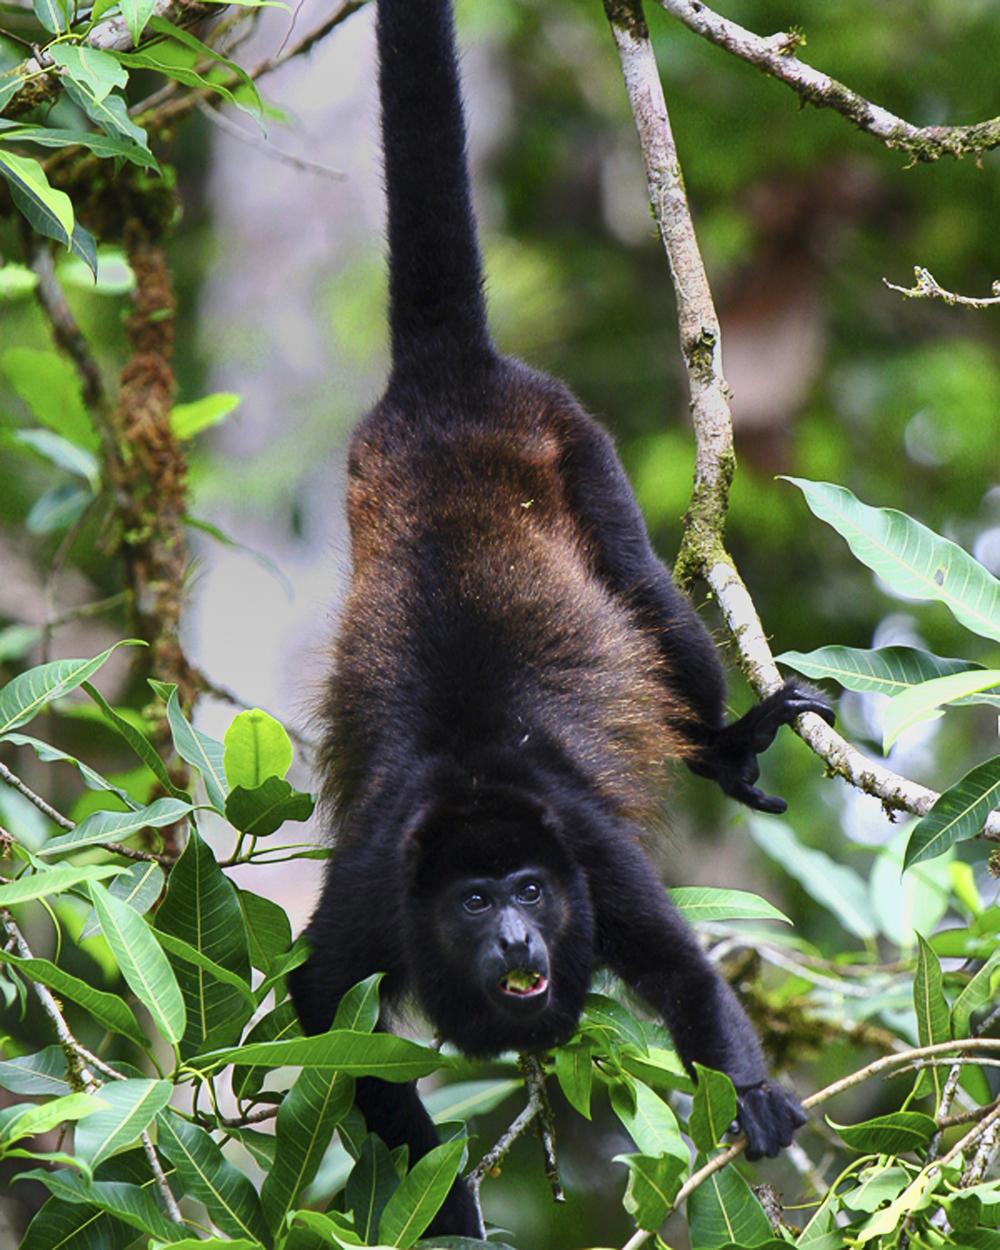 ed 269 costa Rica monkey IMG_nik v 5474 4x6 copy.jpg